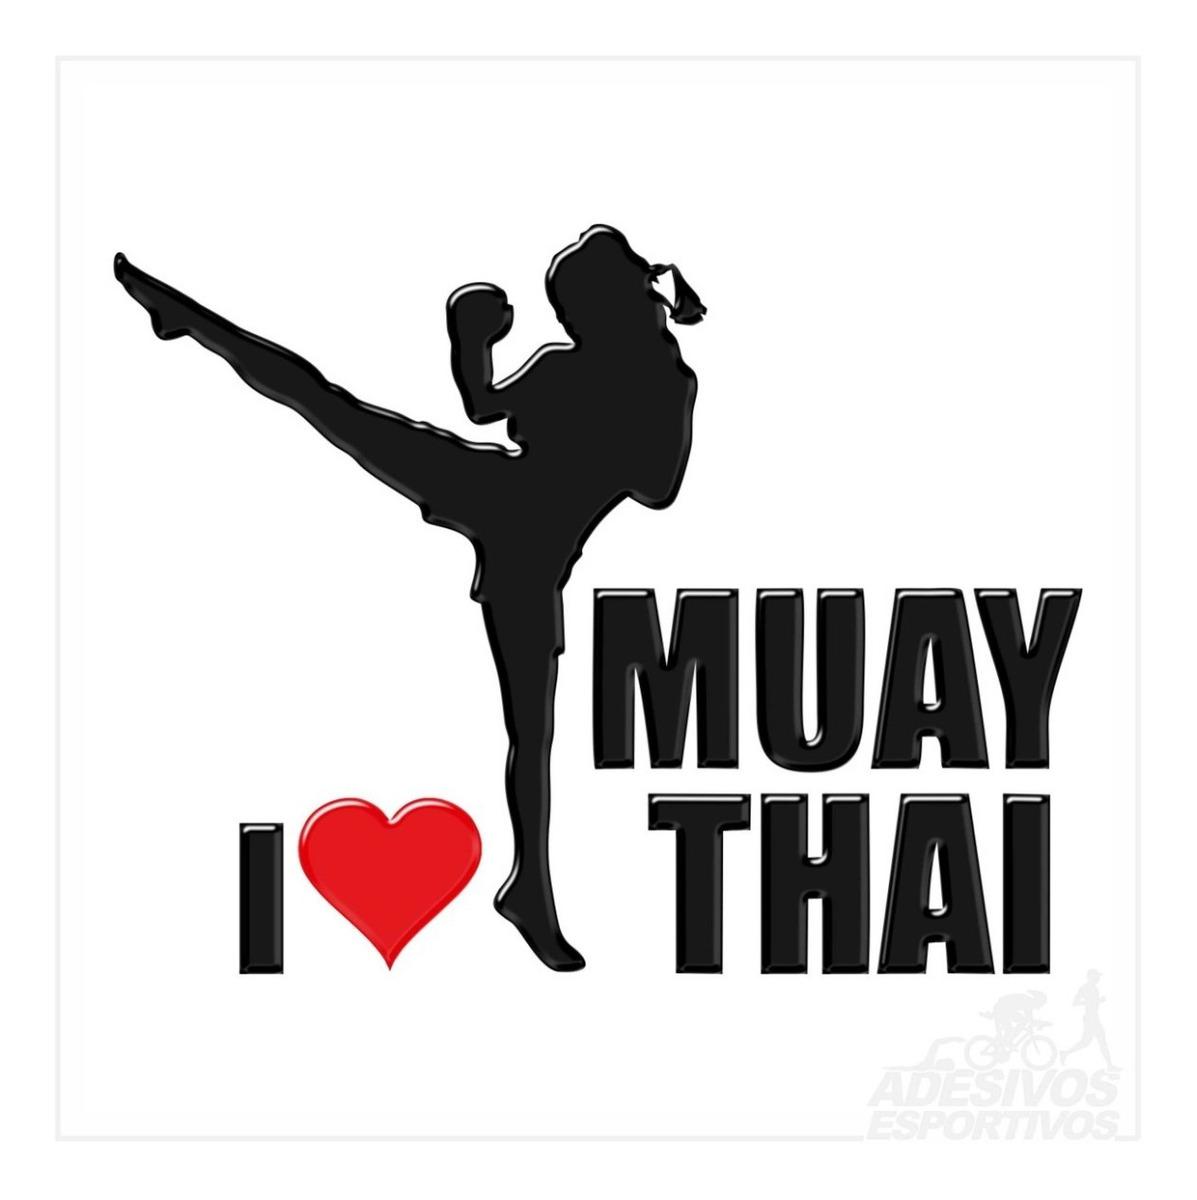 Adesivo Emblema Muay Thai Feminino Resinado 3d R 25 00 Em